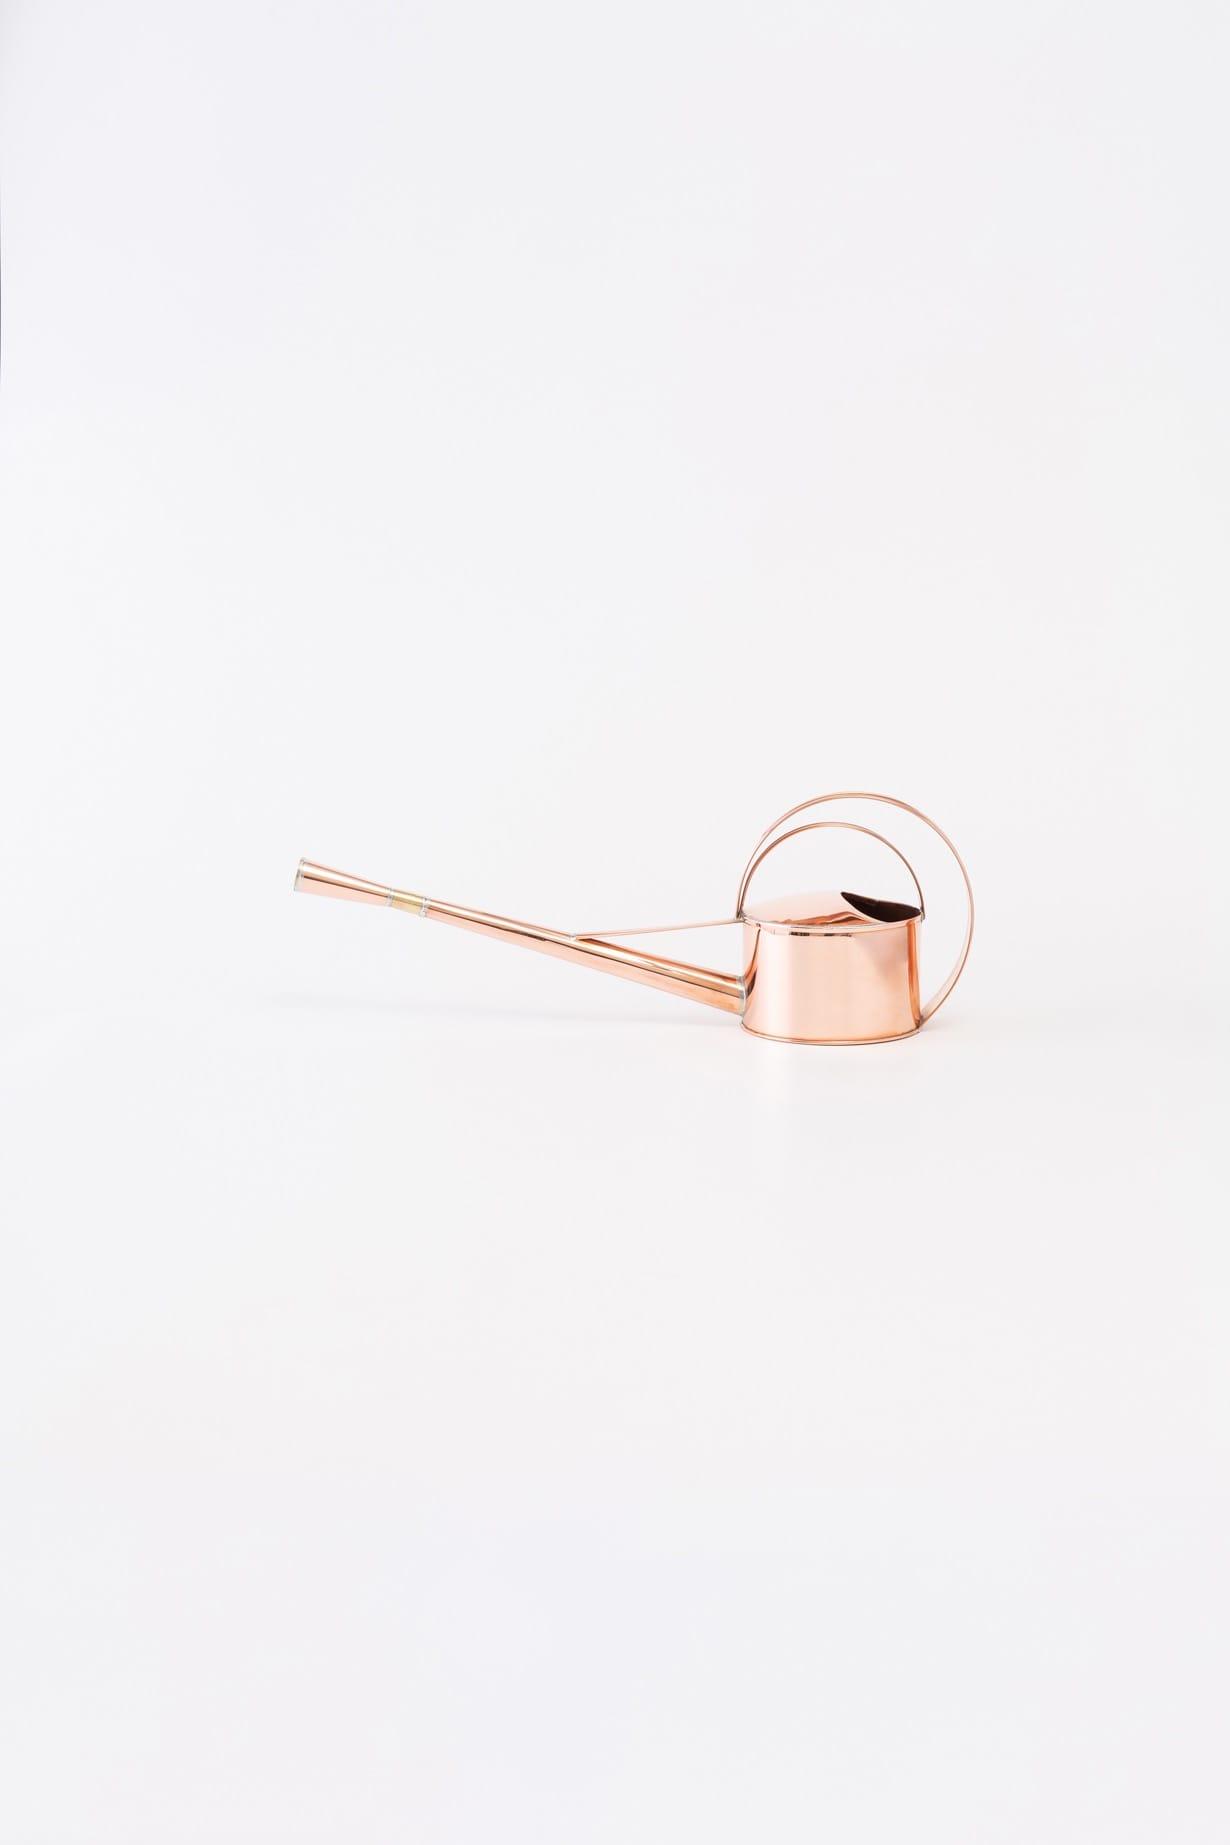 銅製タサ如雨露 真横